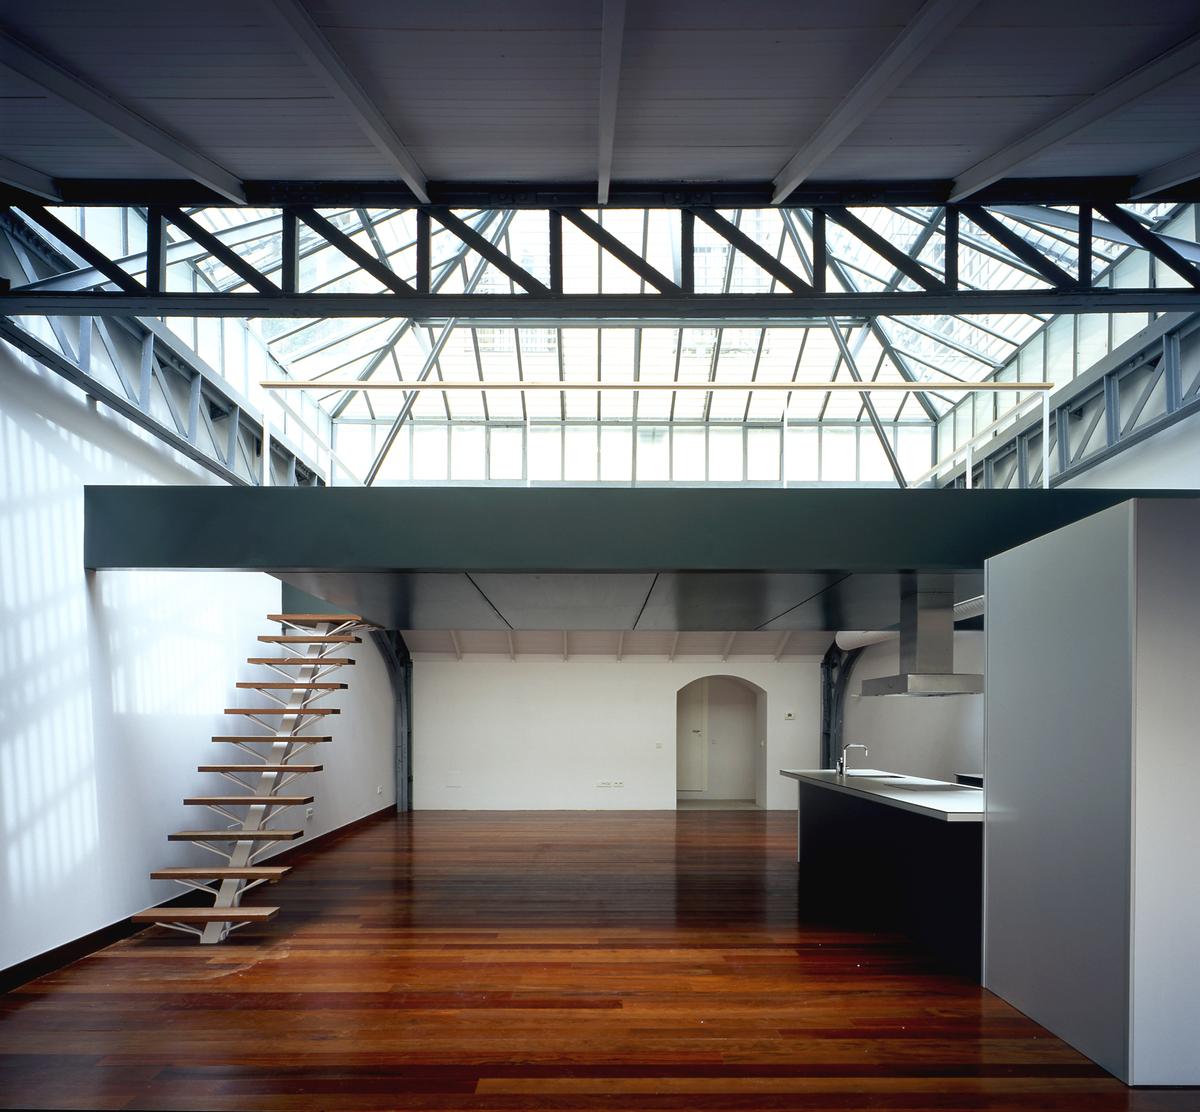 Rehabilitaci n edificio c conde de romanones madrid - Lofts en madrid ...